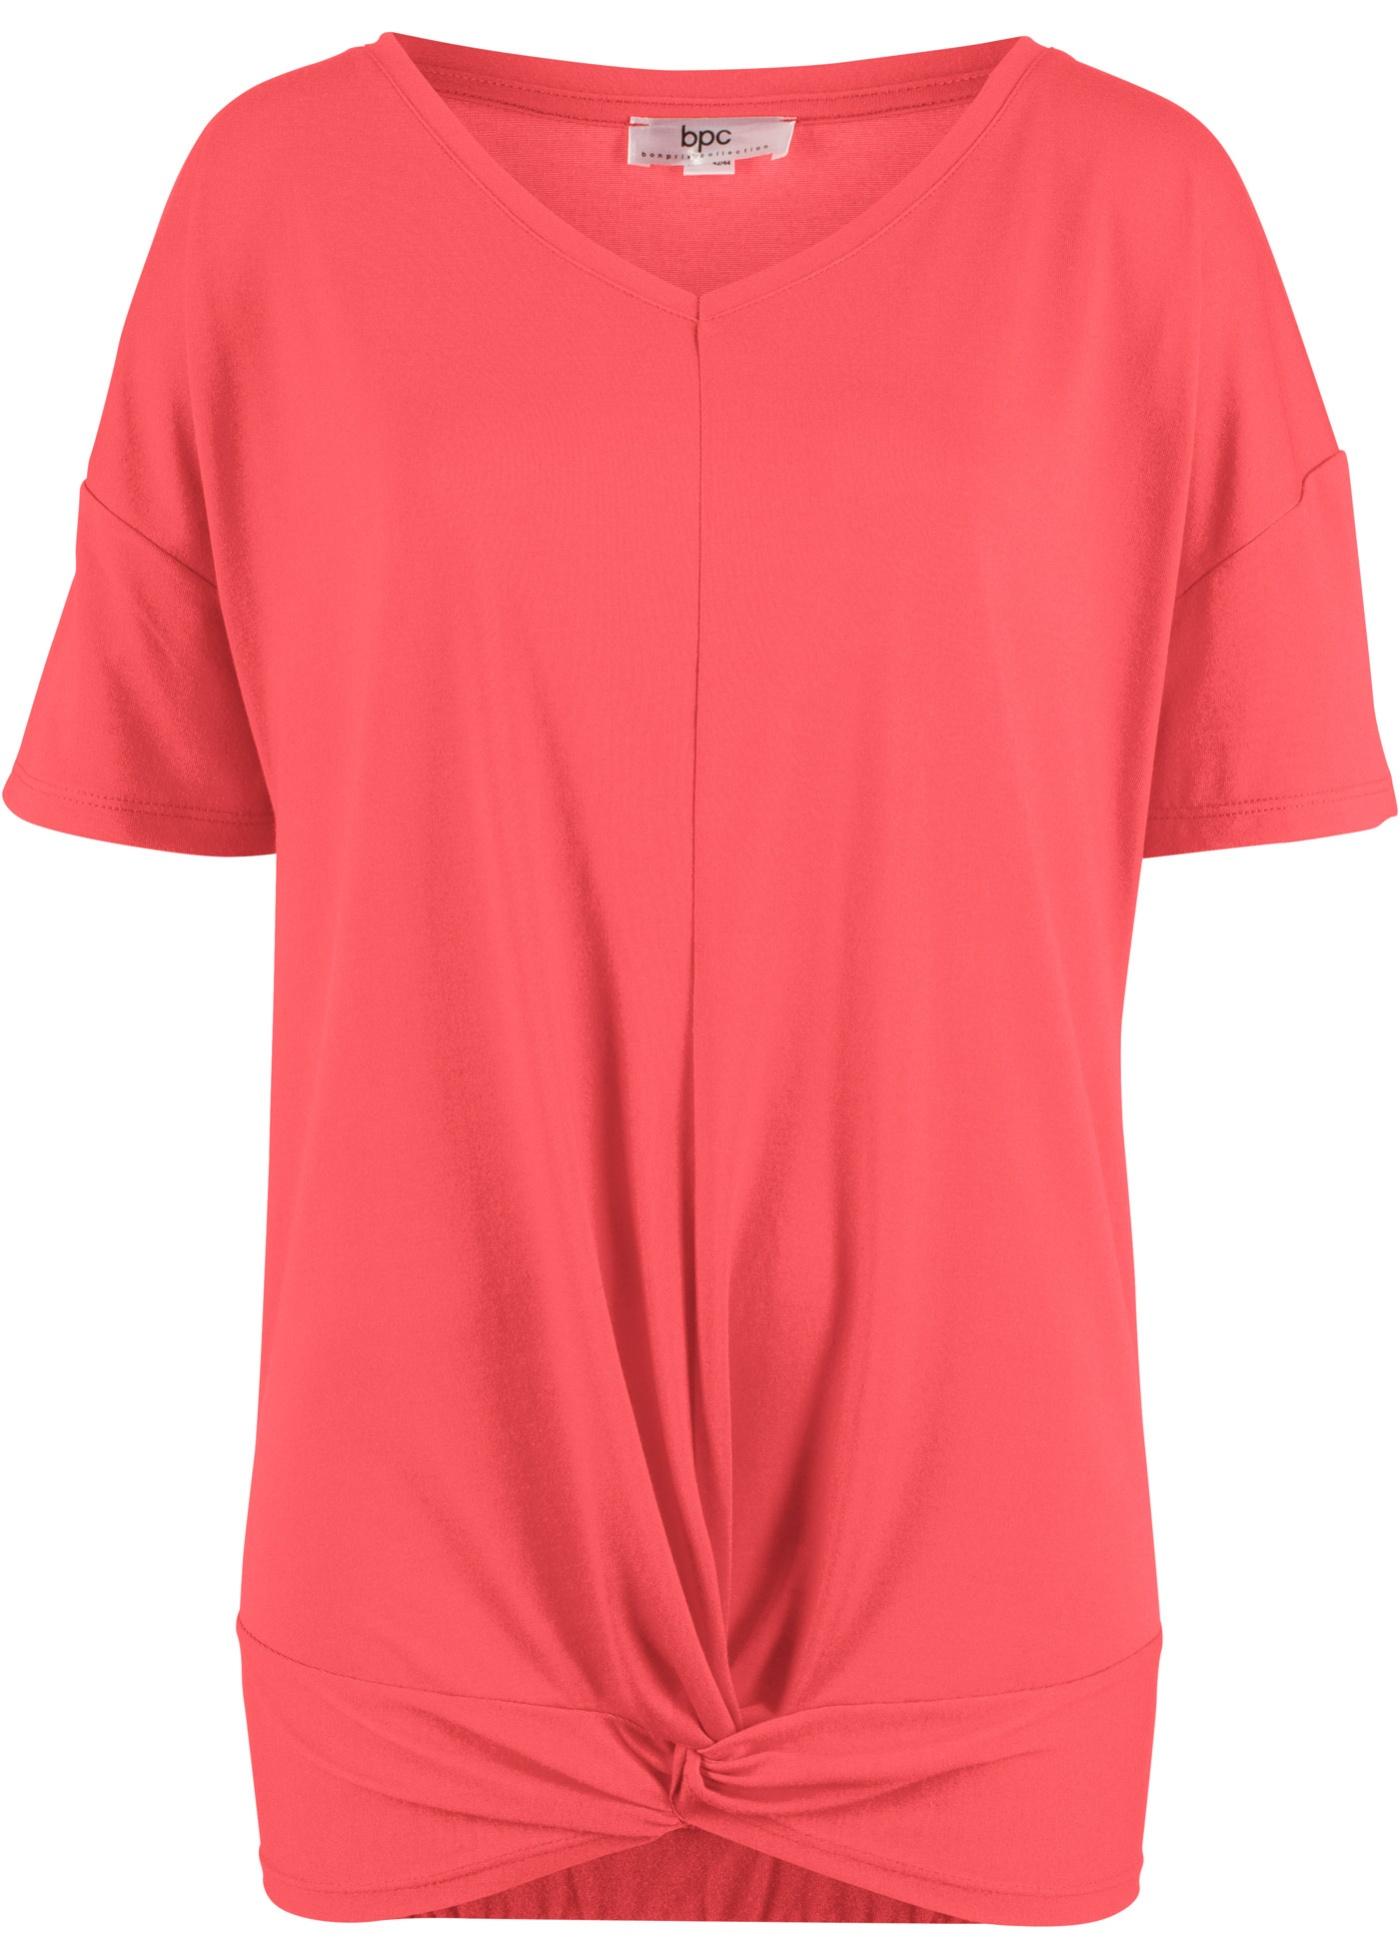 Courtes En Pour Noué Manches Mélange Bonprix CollectionT Bpc Femme Fluide Rouge shirt Modal CsrhxtdQ